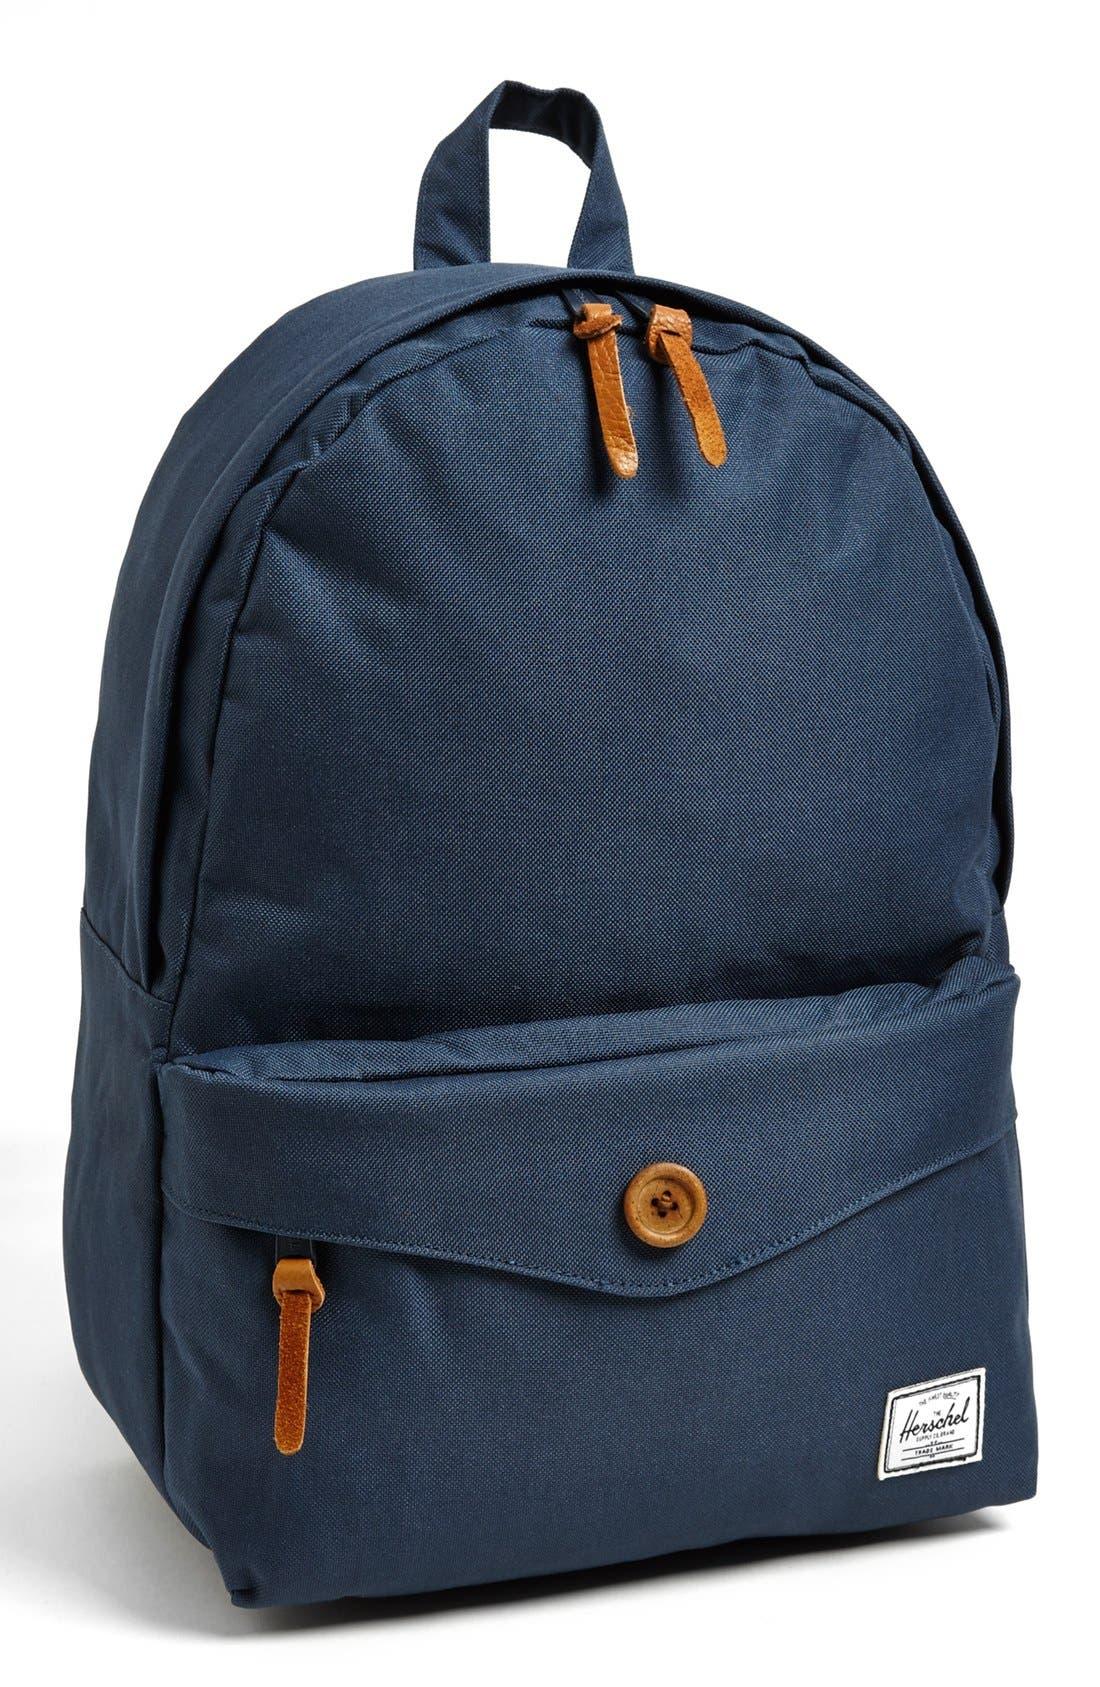 Herschel Supply Co. Women's Bags